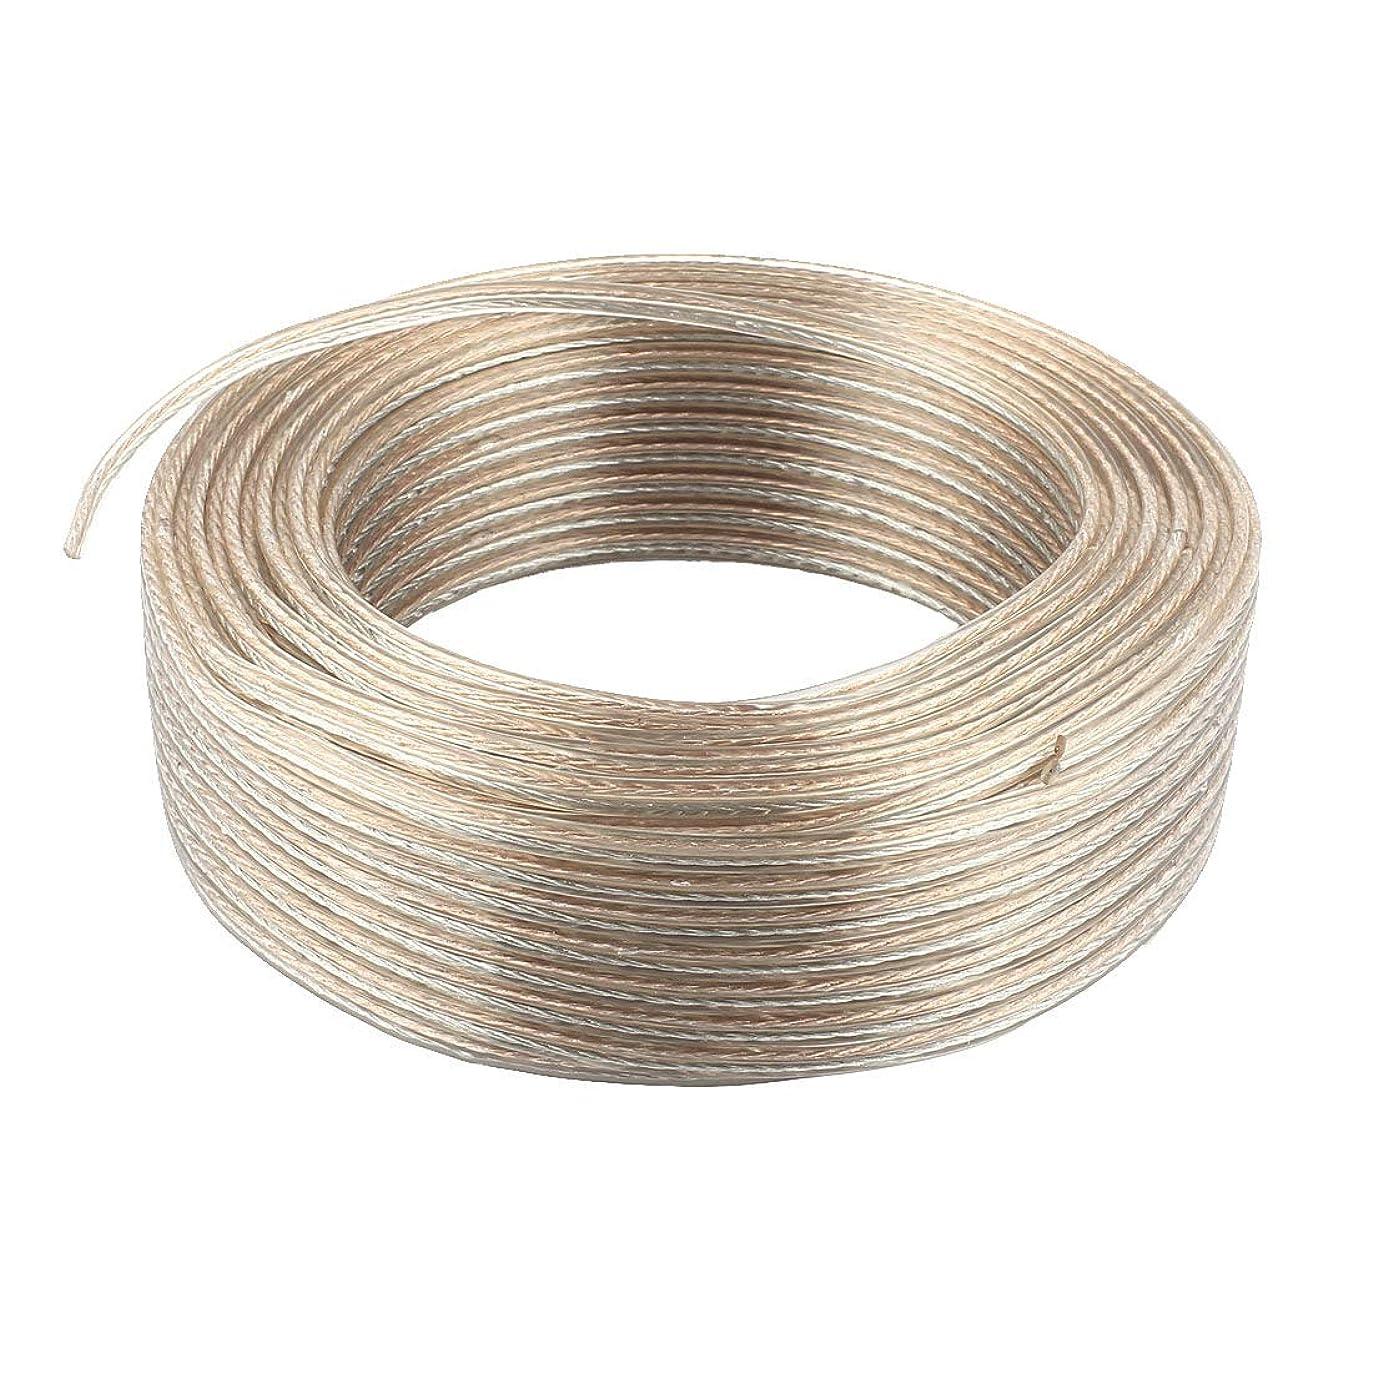 ラダキウイ節約するAUTUT カーオーディオスピーカーケーブル 長さ50m OFC 無酸素銅